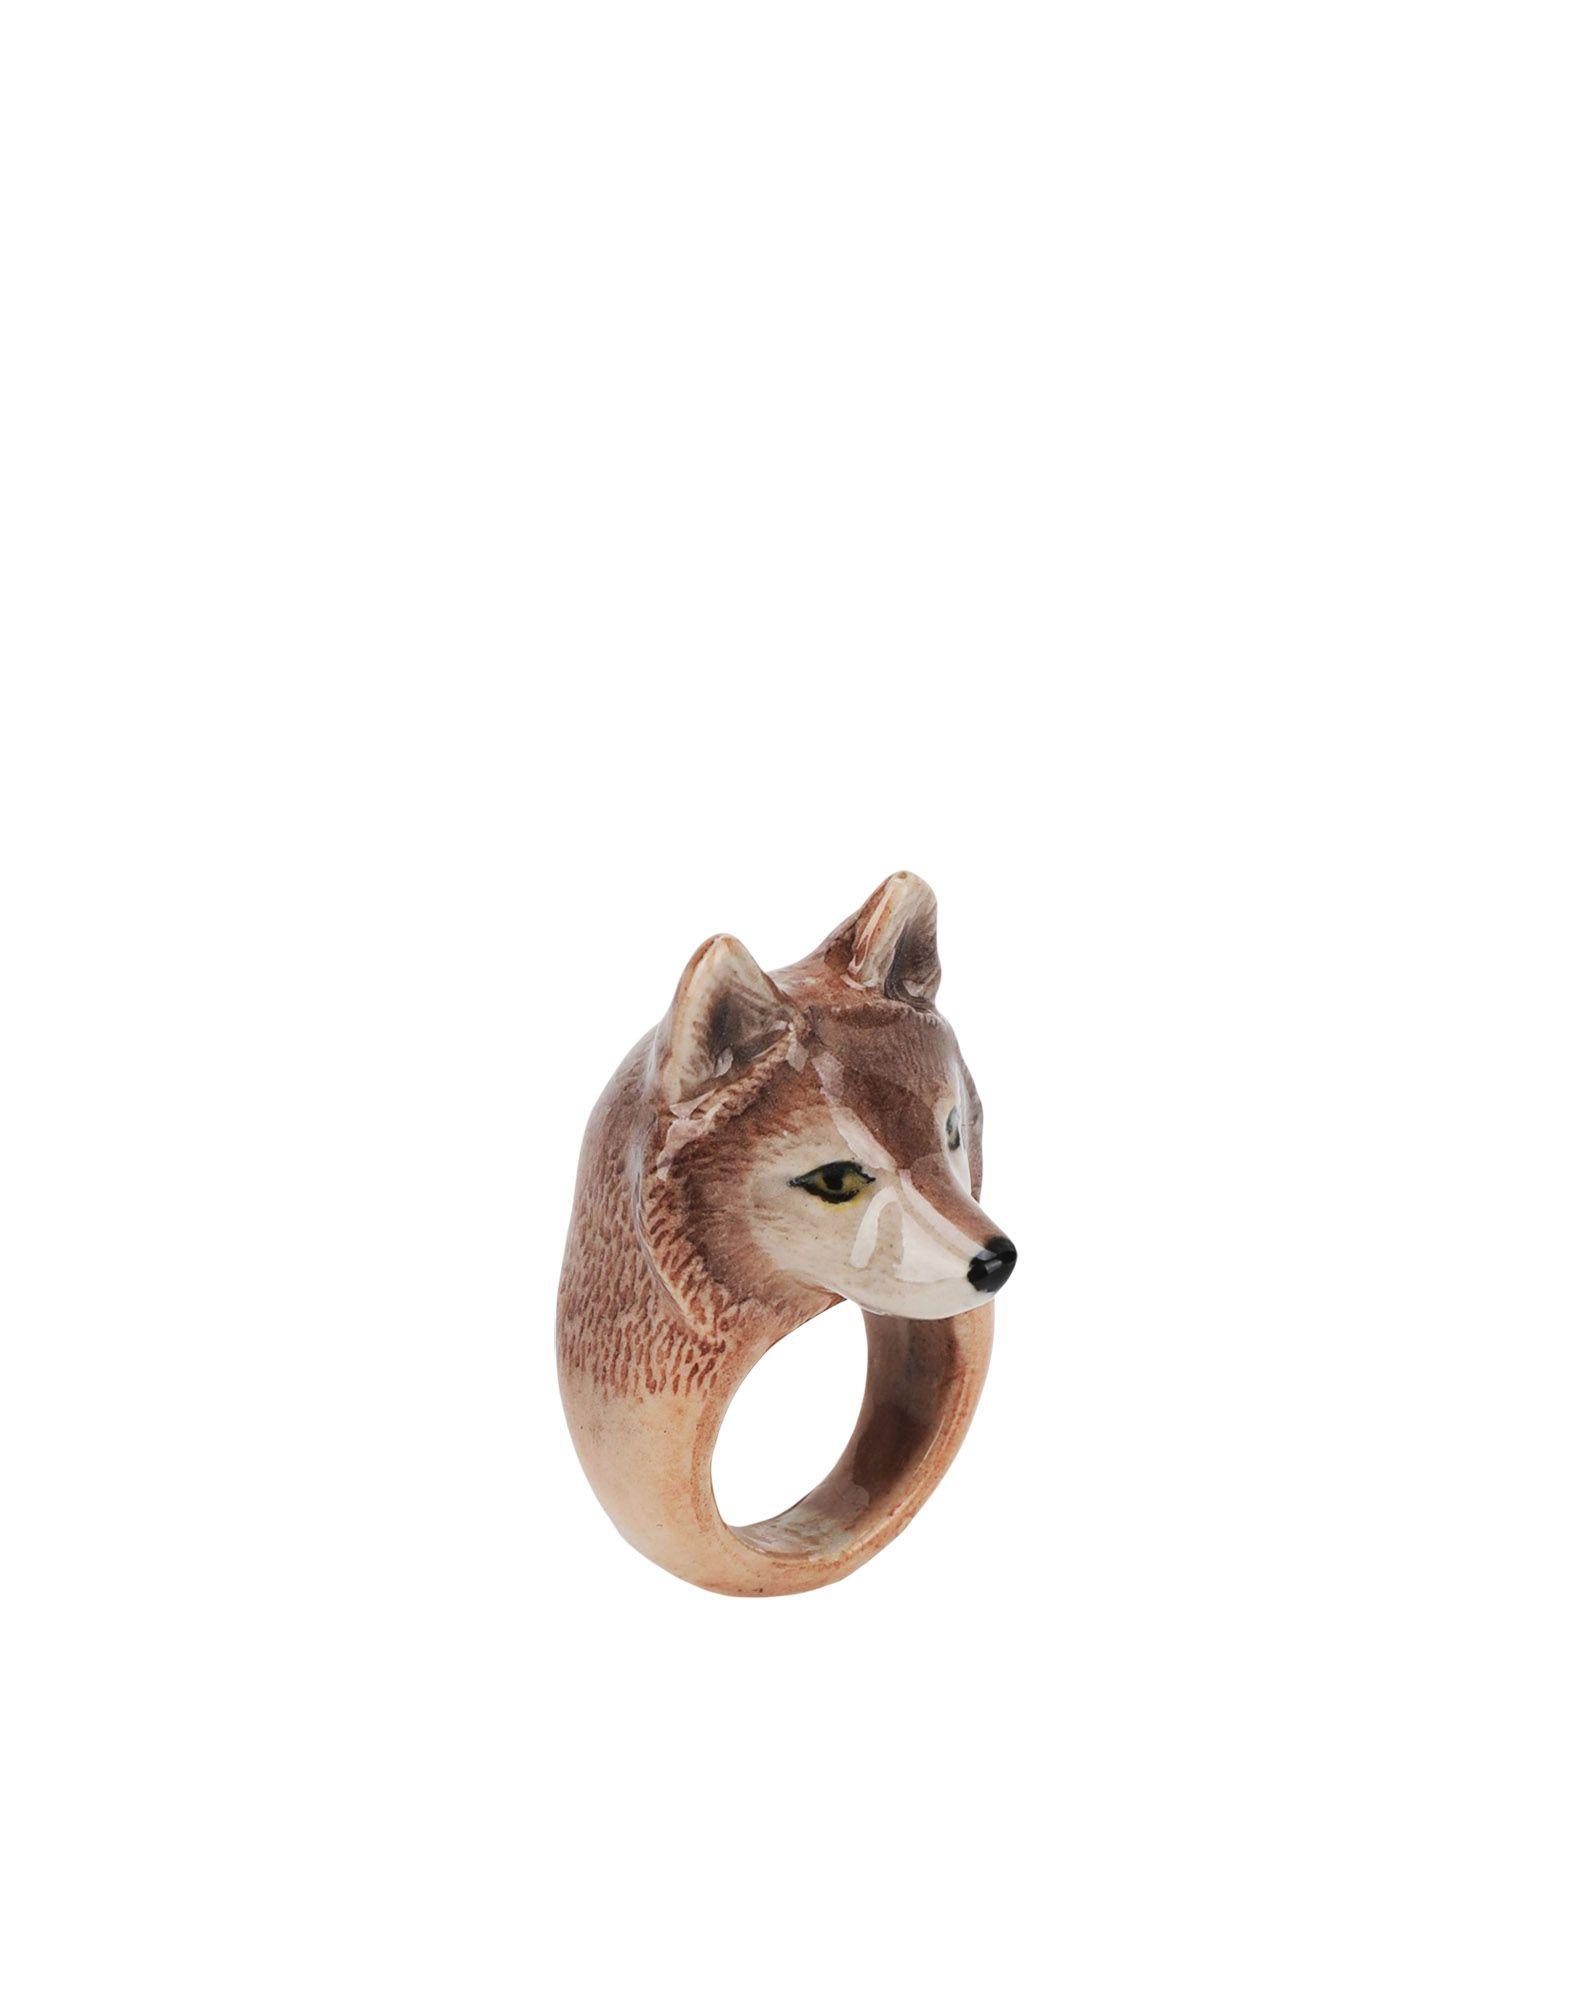 《期間限定 セール開催中》NACH レディース 指輪 グレー one size セラミック 100% Wolf ring